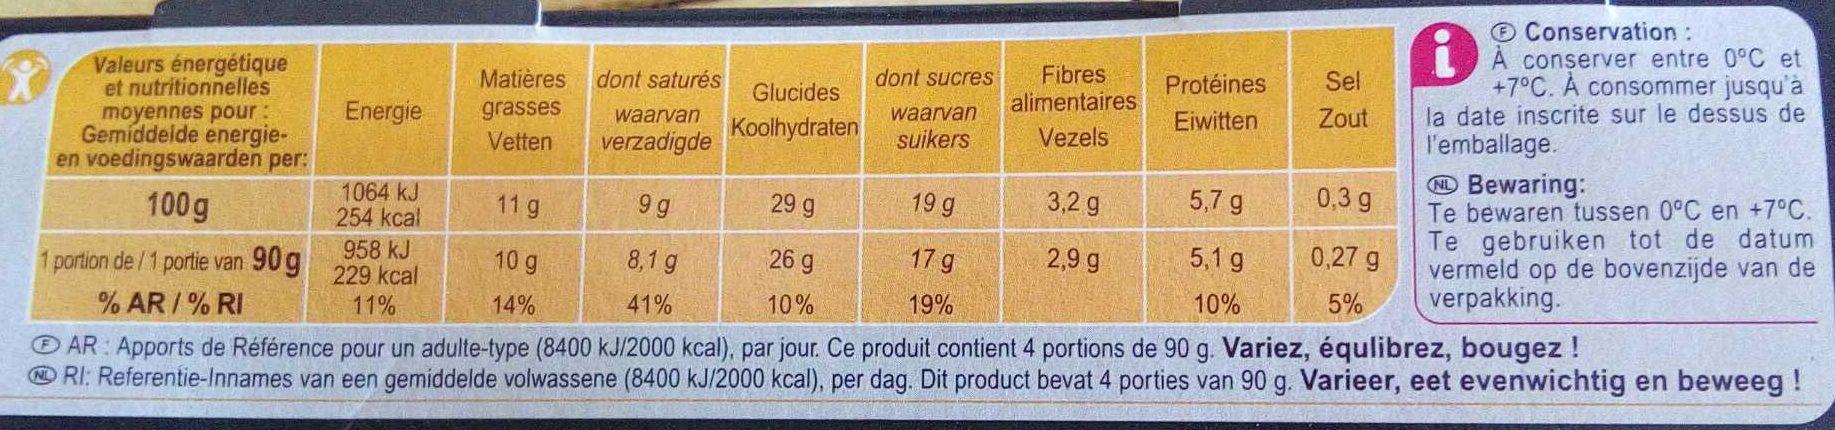 Profiteroles - Informations nutritionnelles - fr